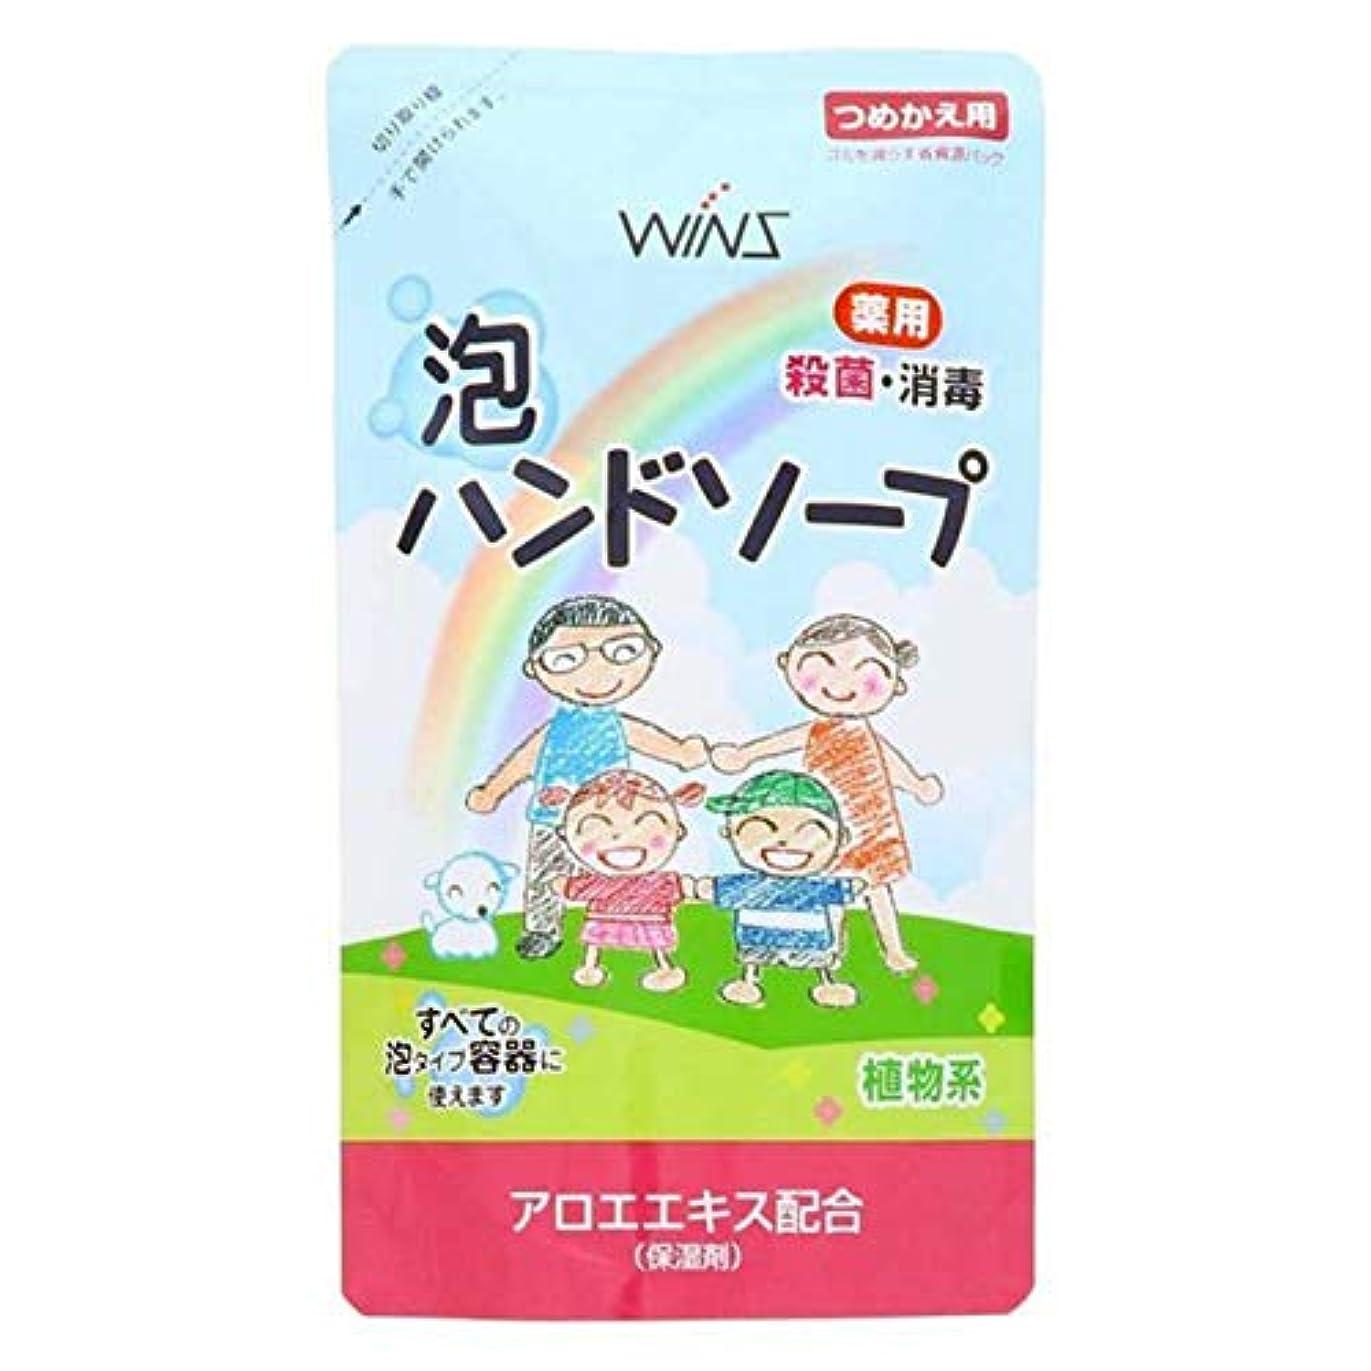 ポンペイ国勢調査追加するウインズ 薬用泡ハンドソープ 詰替 200mL 日本合成洗剤